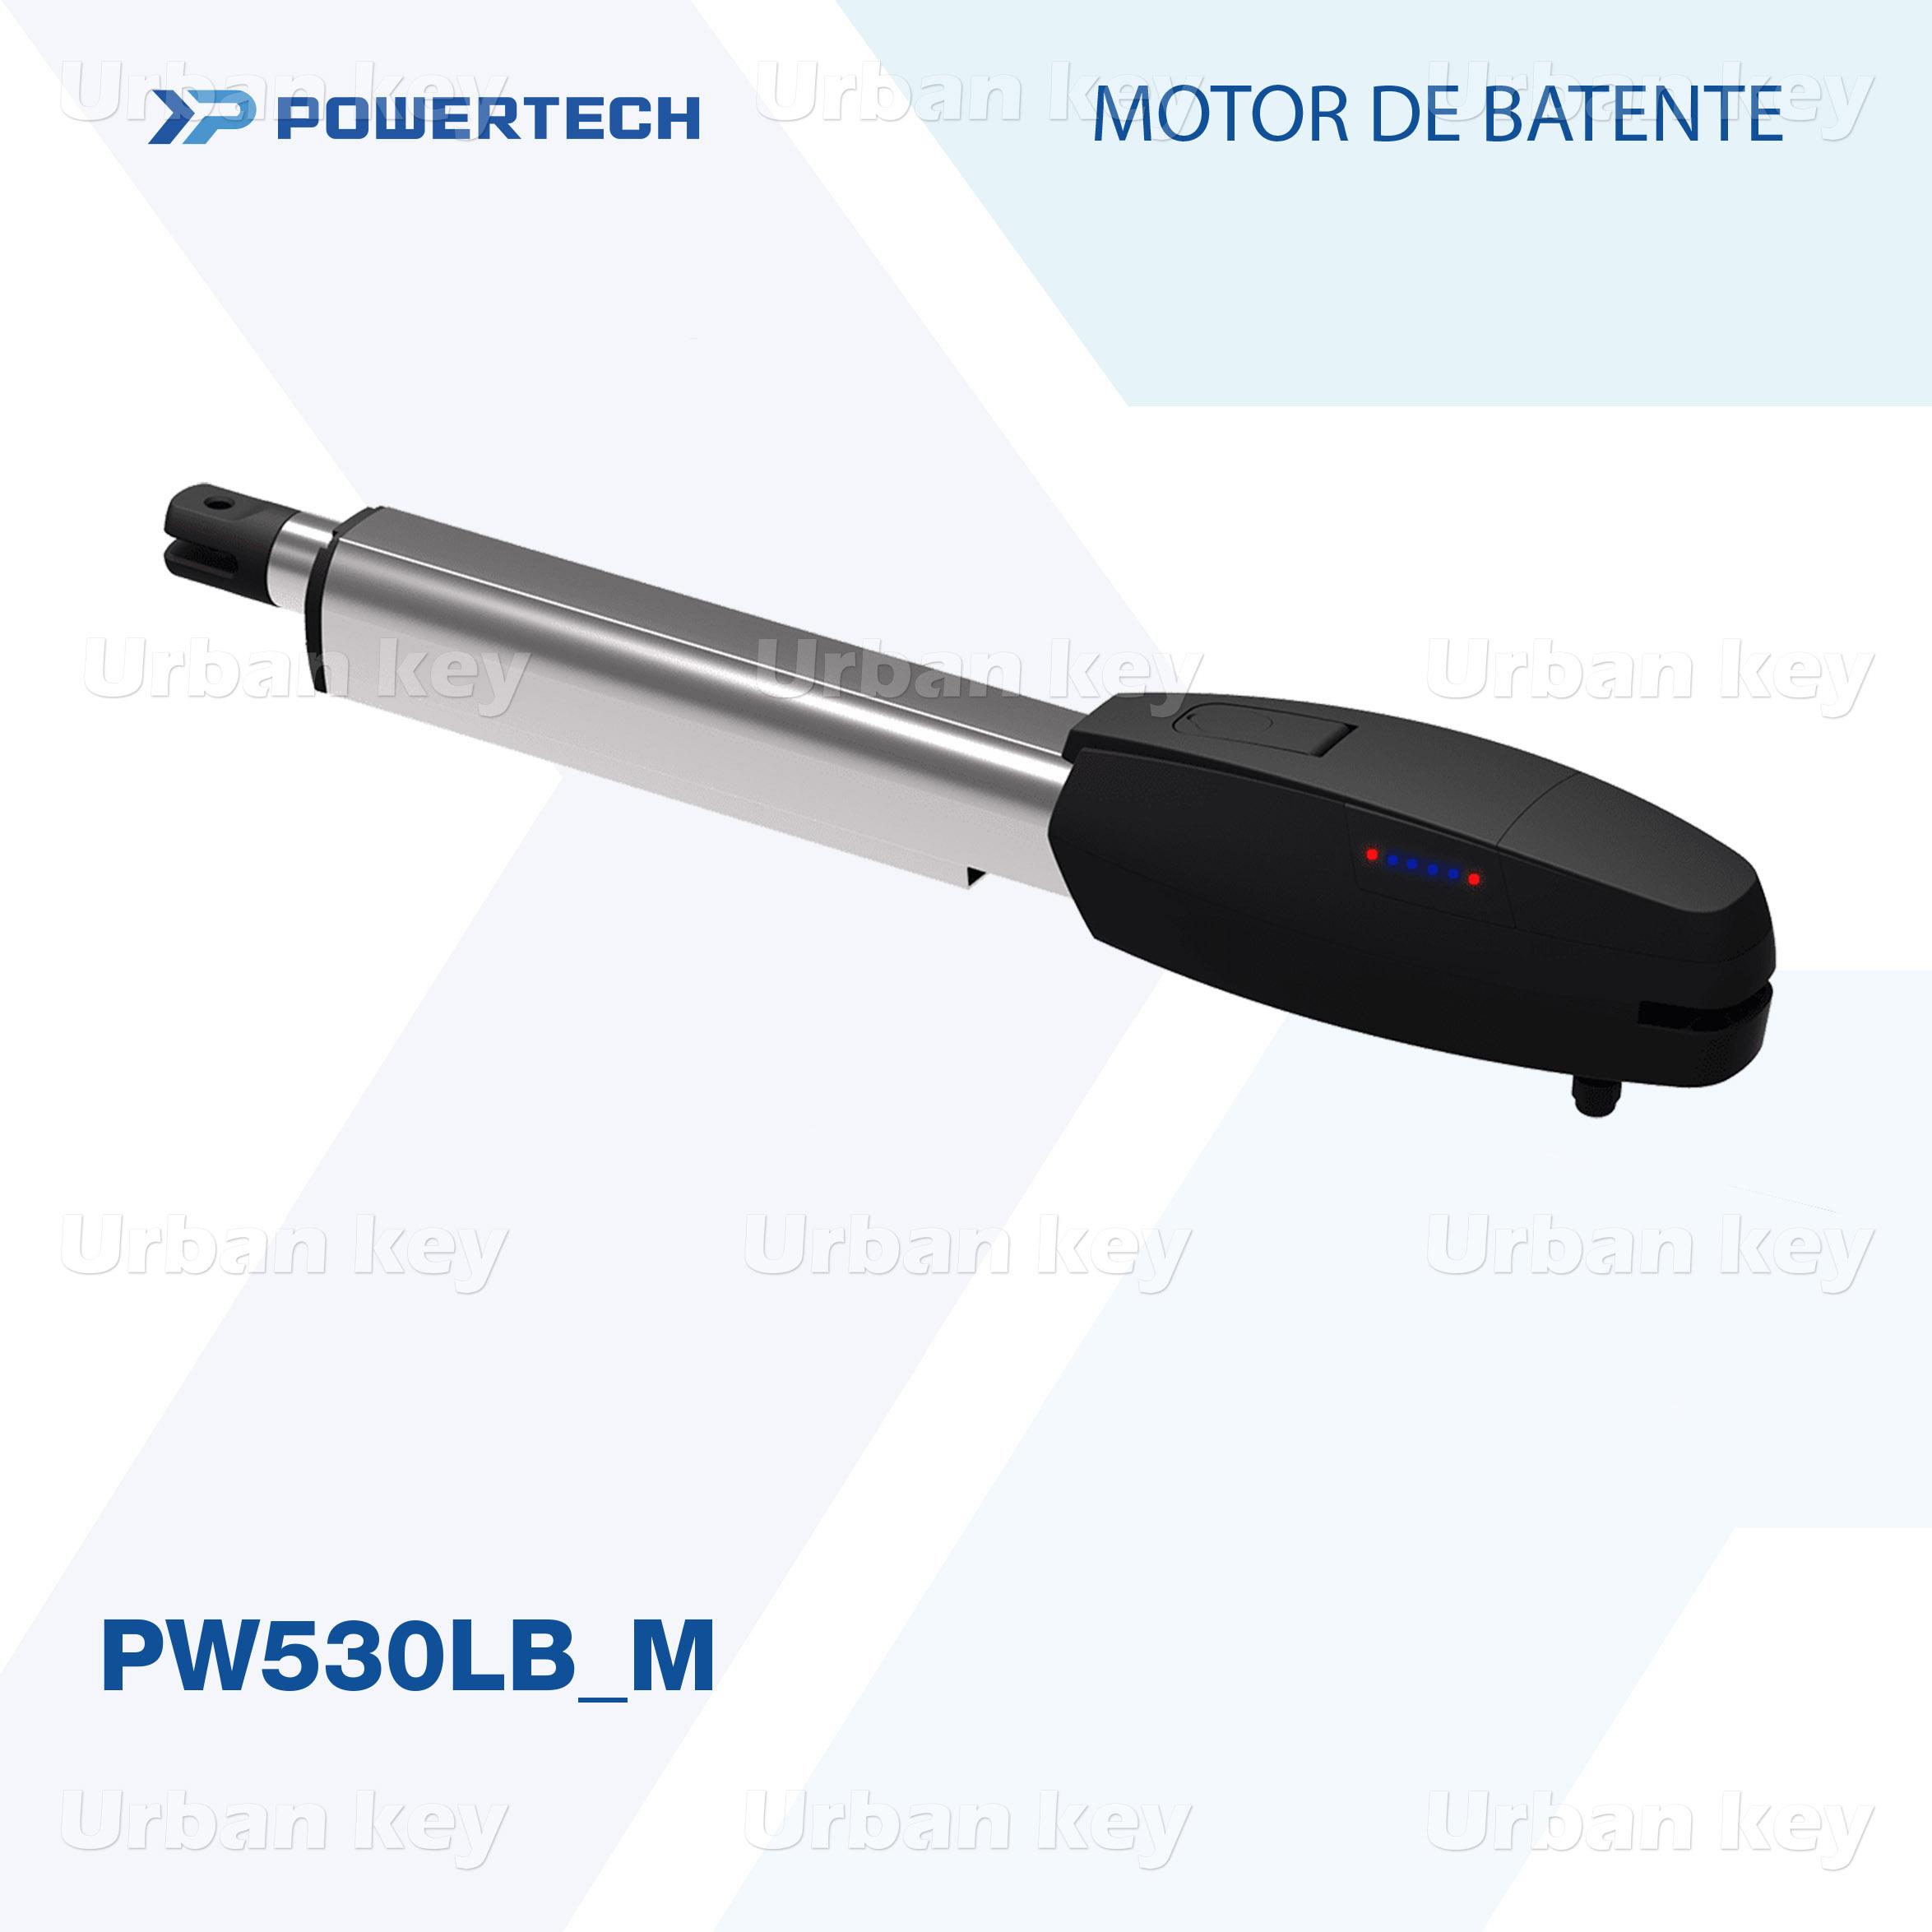 BRACO POWERTECH PW530LB-M 24V